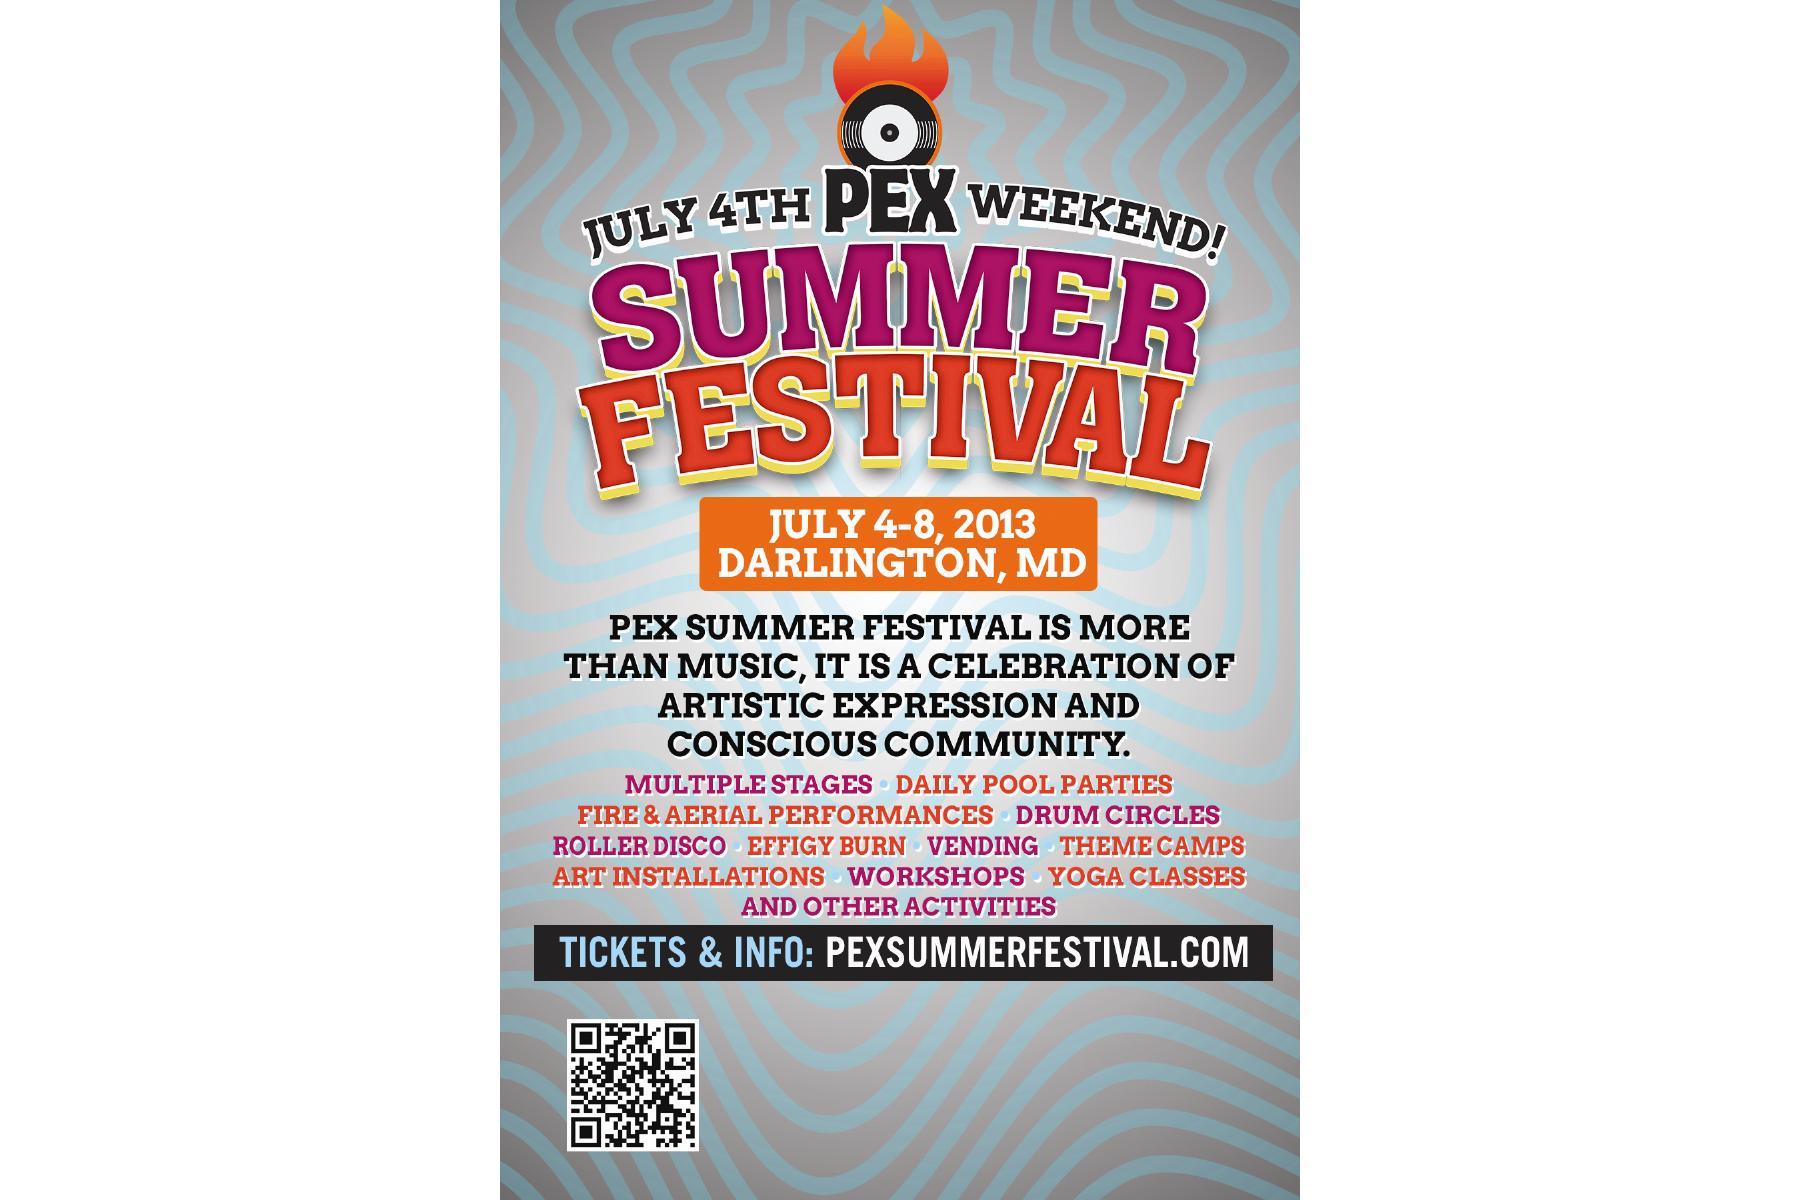 PEX Summer Festival 2013 Tickets